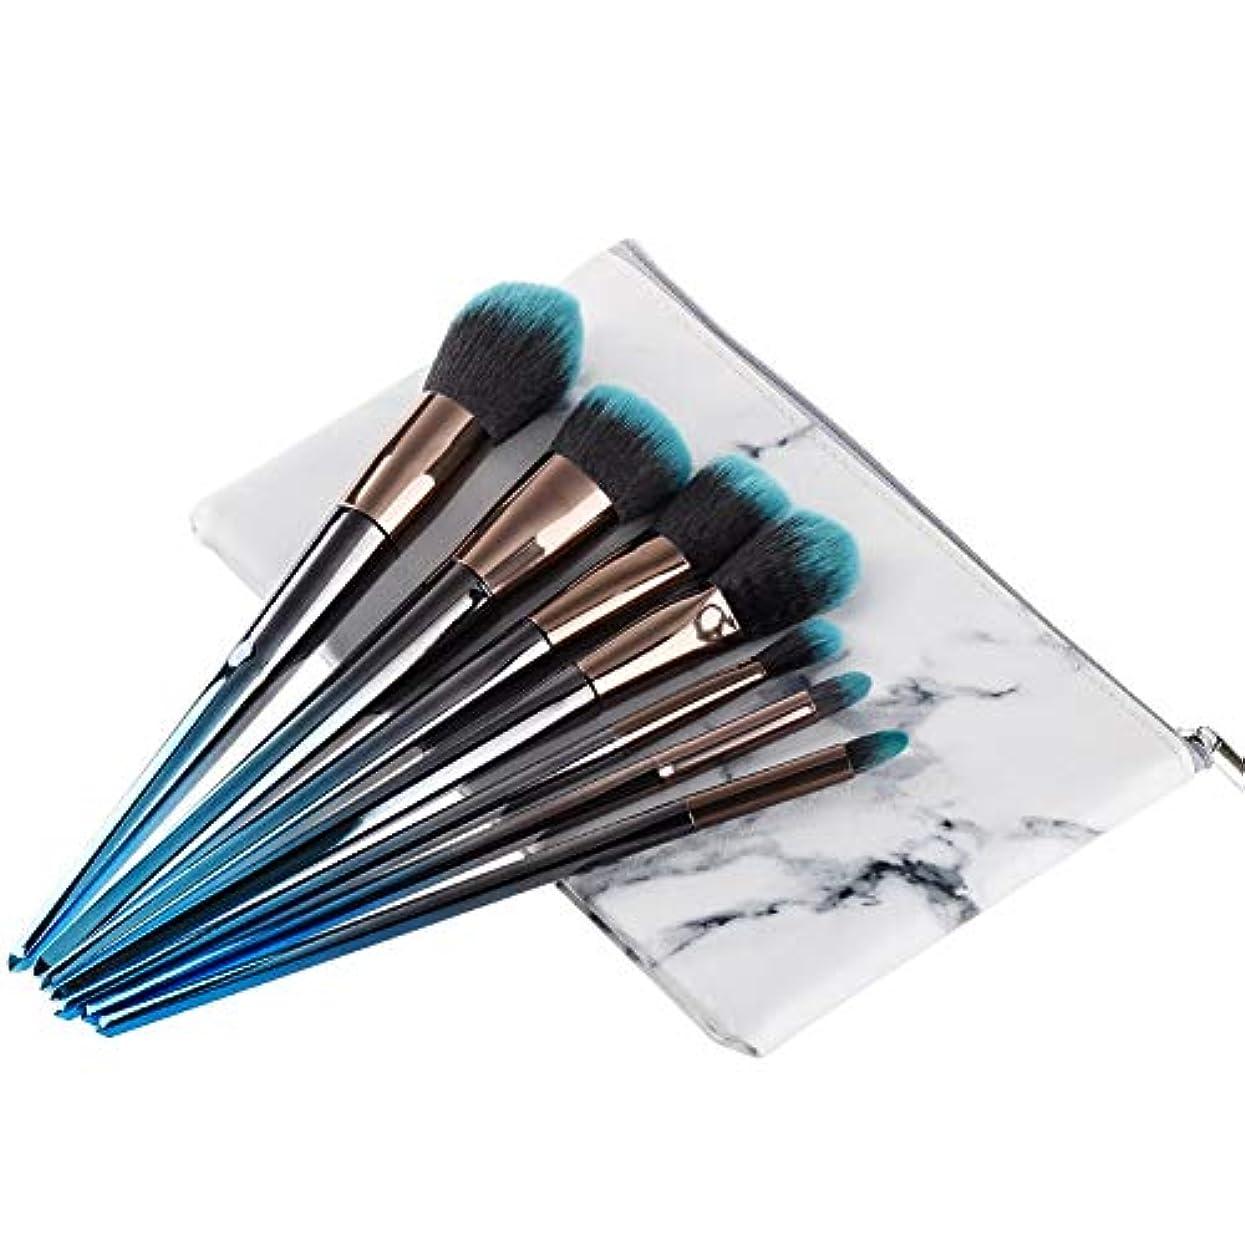 AMLIN JO メイクブラシ 7本セット フェイスブラシ 化粧筆 コスメ 高級タクロン 化粧ポーチ付き ブルー